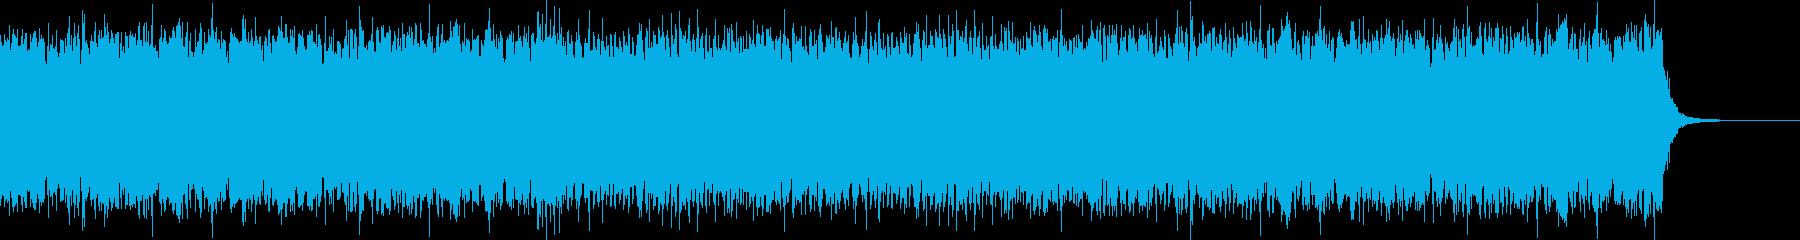 軽いオシャレなバトルBGMの再生済みの波形